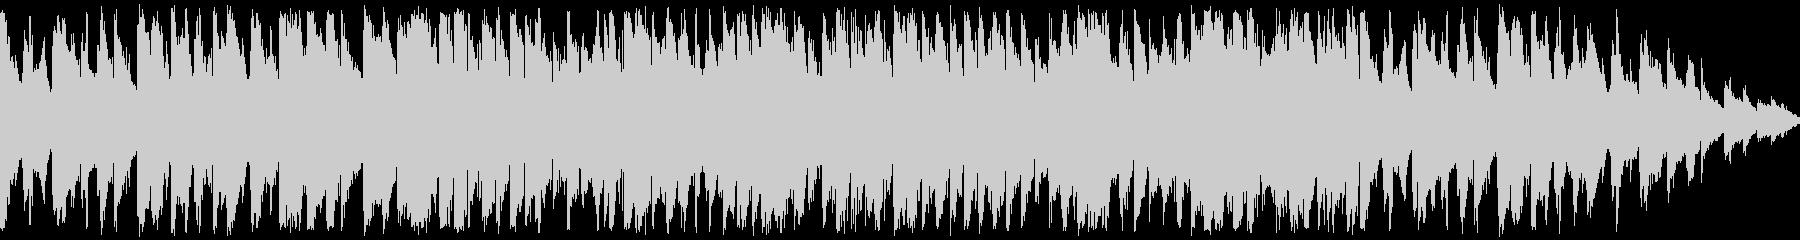 おしゃれなジャズポップス系BGMの未再生の波形